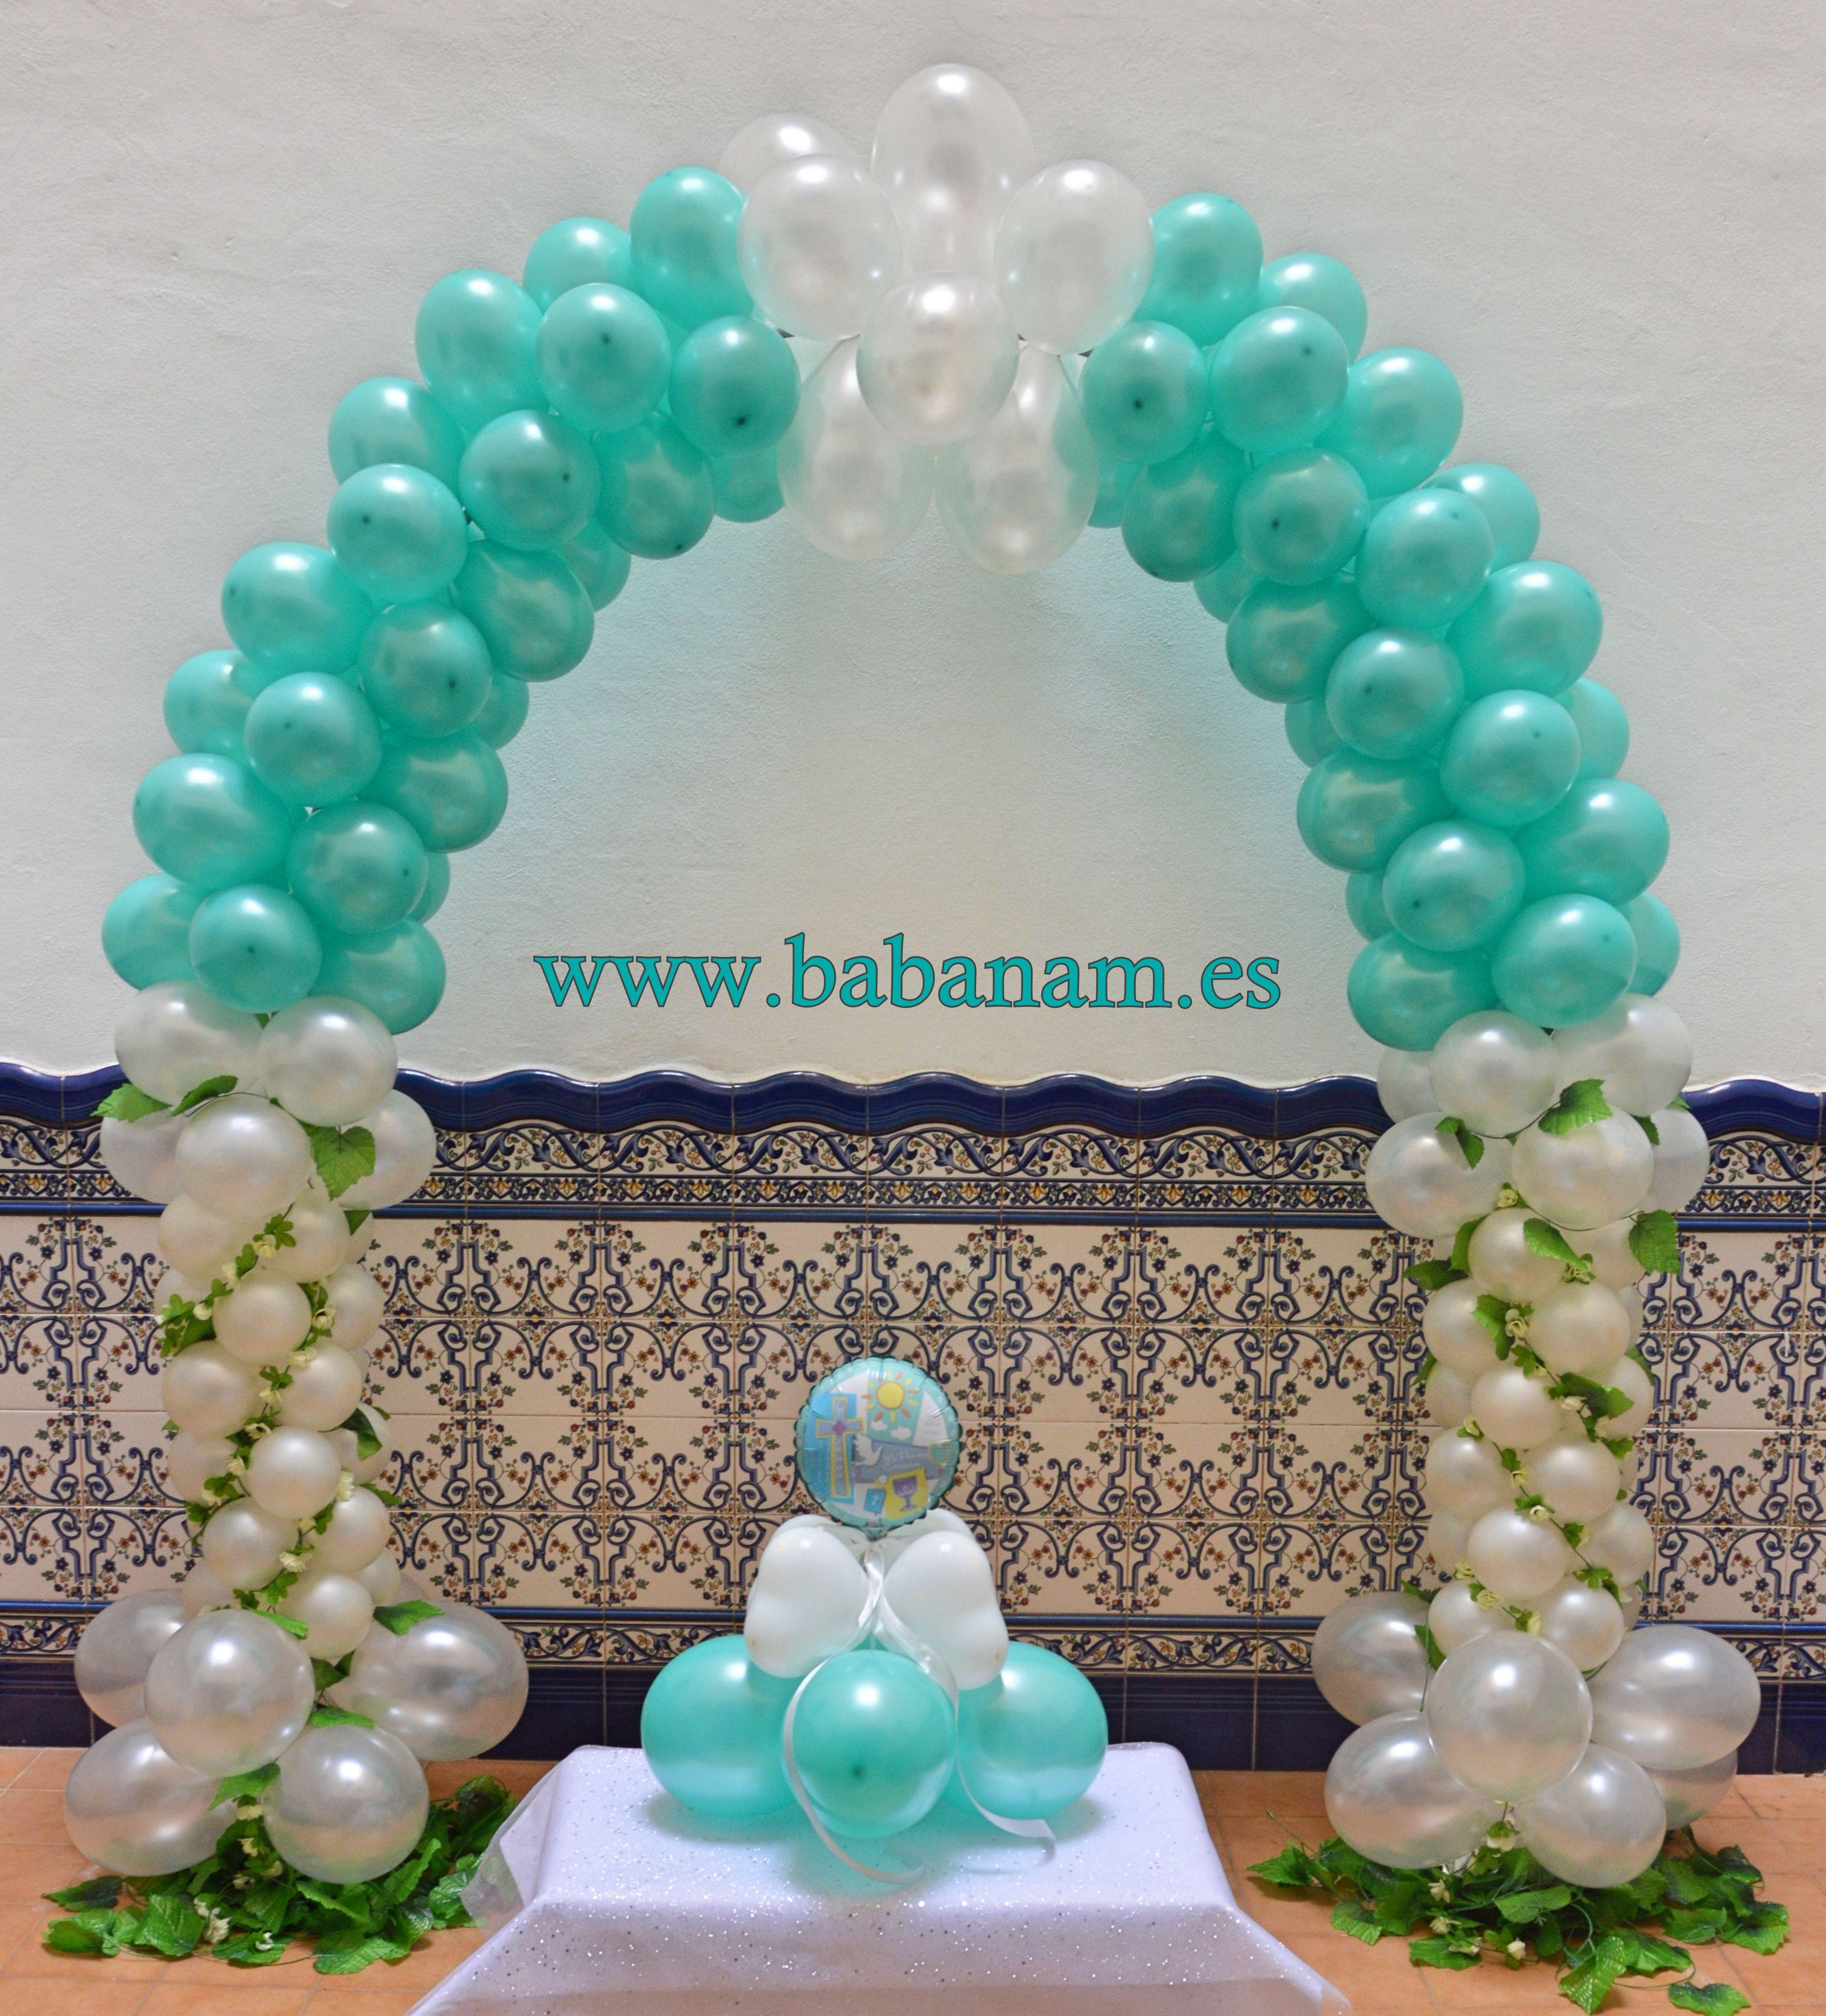 Bouquet de globos a juego con arco bicolor para comunión niño. Babanam.